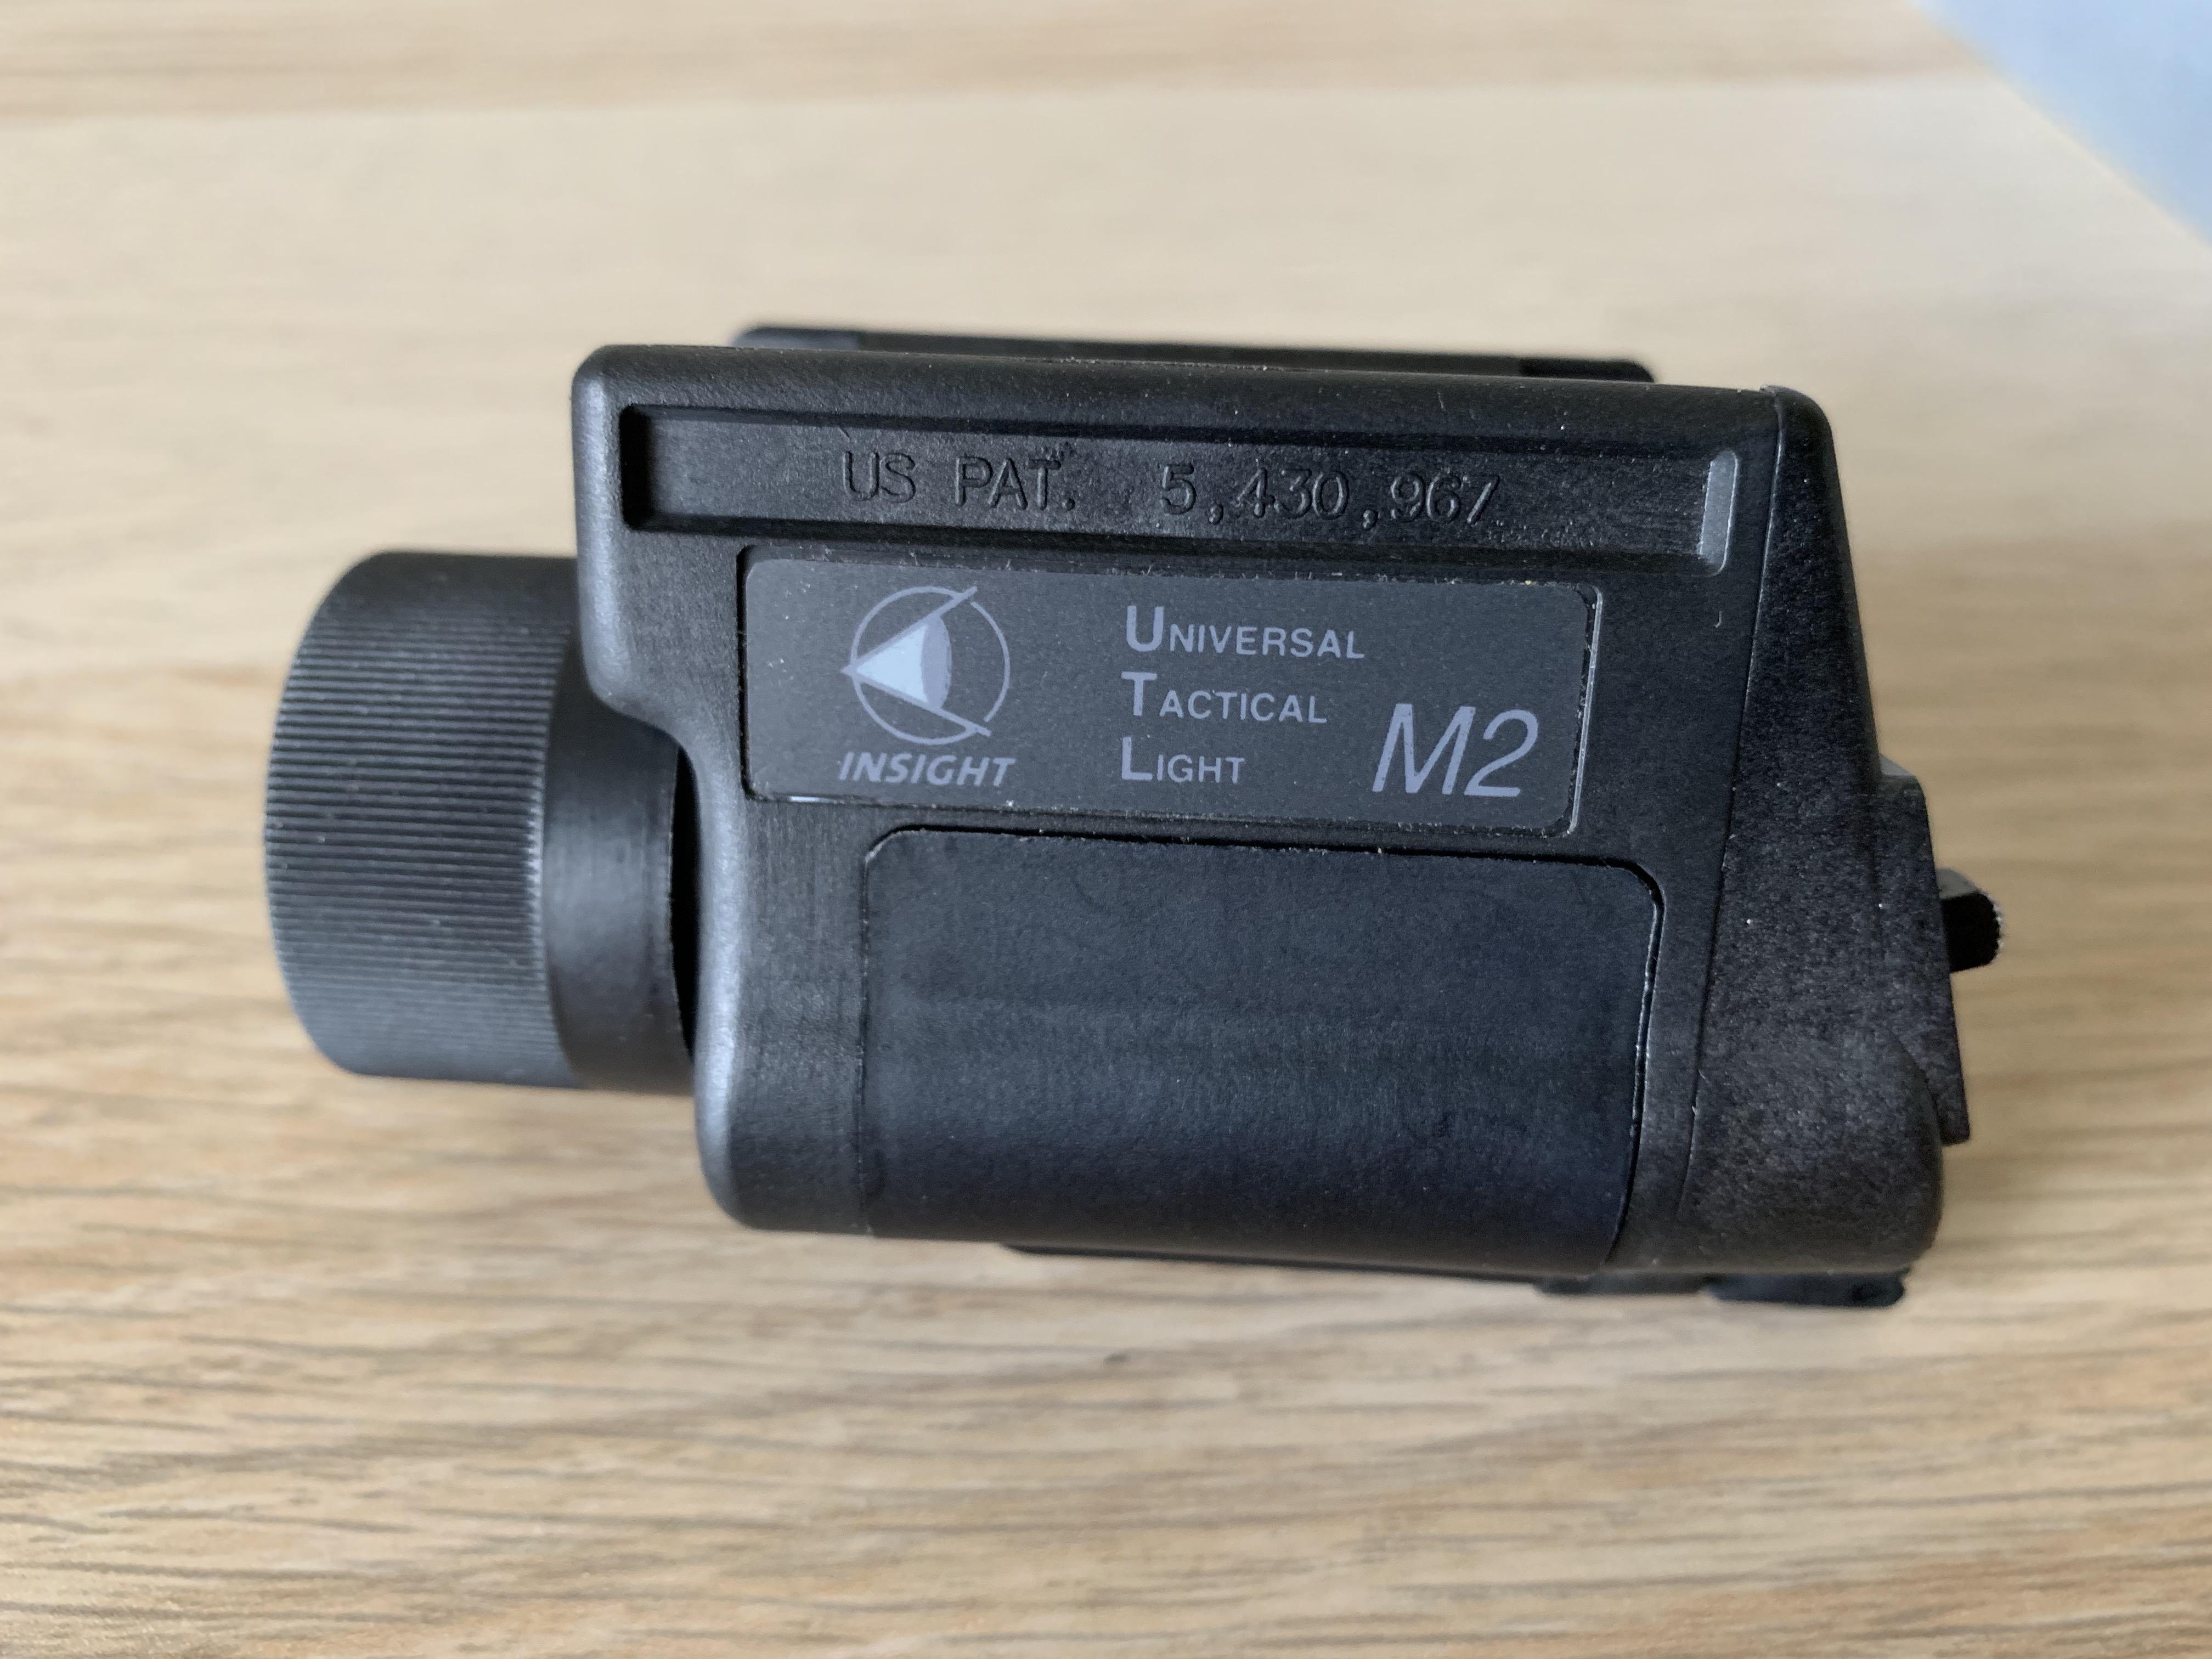 SOLD: Insight UTL M2 - Like New-swowr9mxrbk73tinnr3alq.jpg